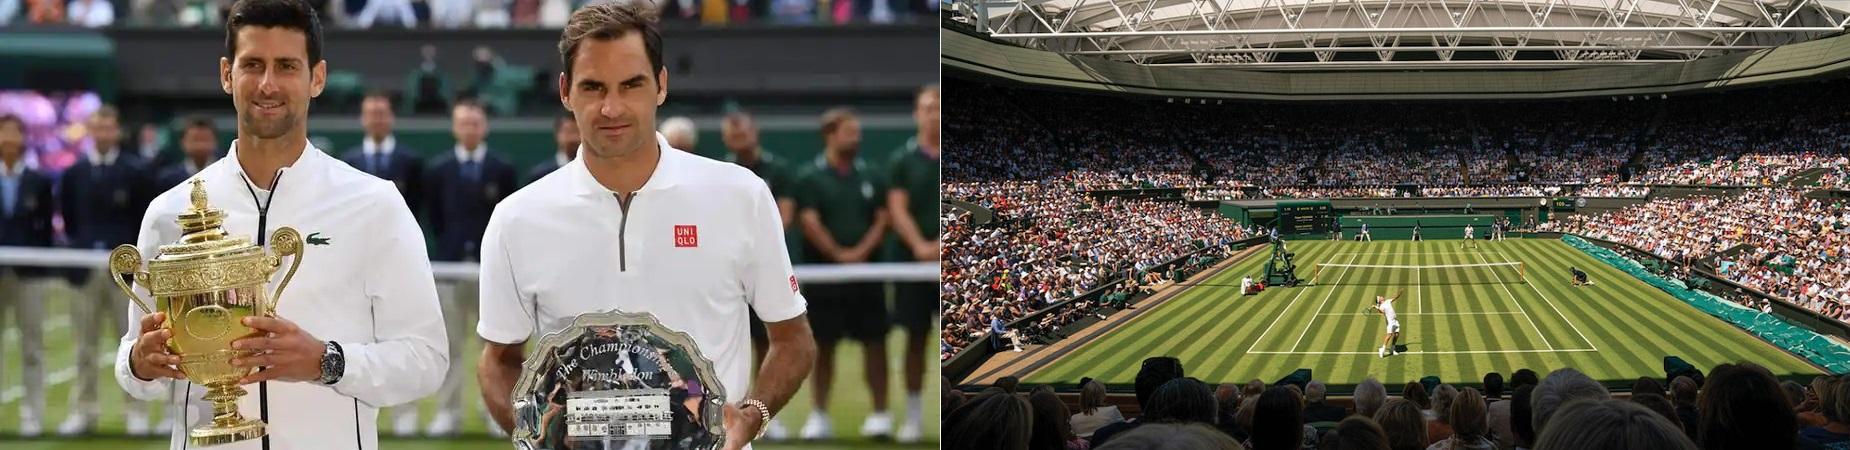 Wimbledon Tickets